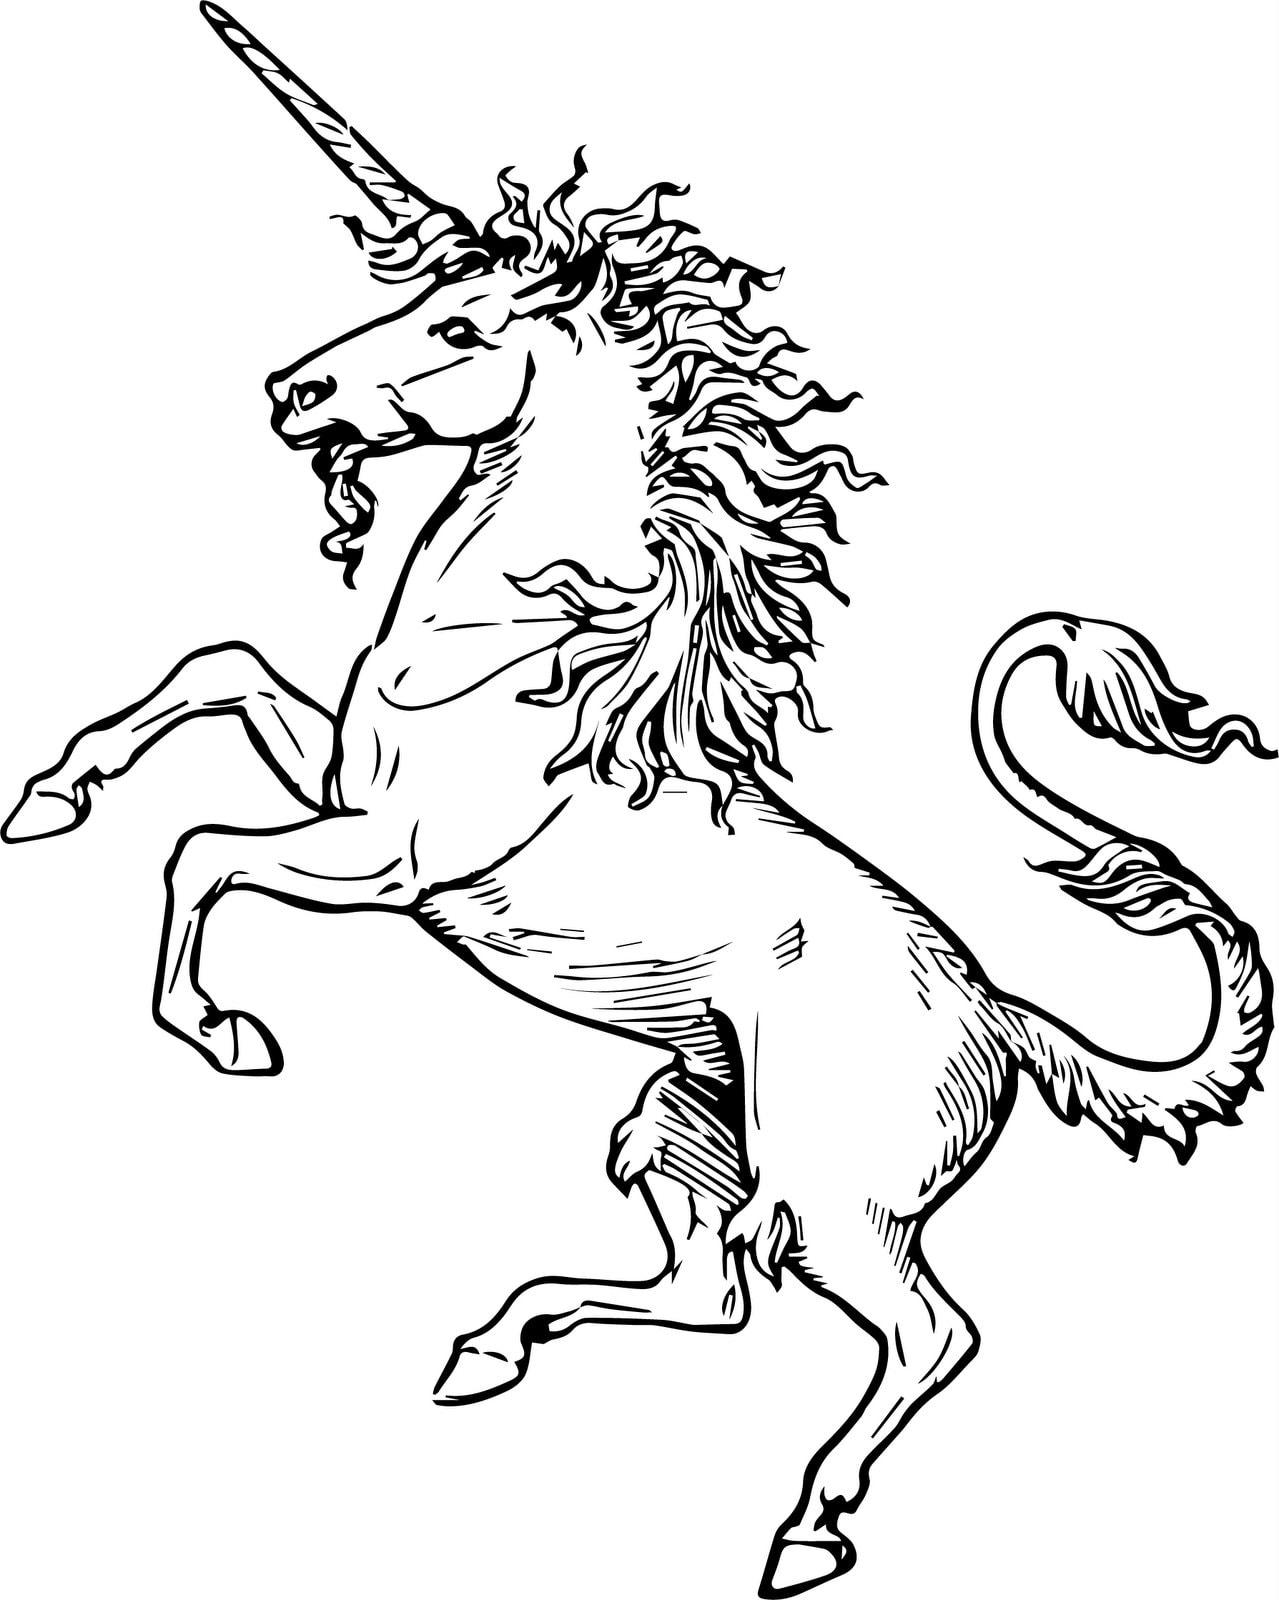 Antique unicorn rearing up